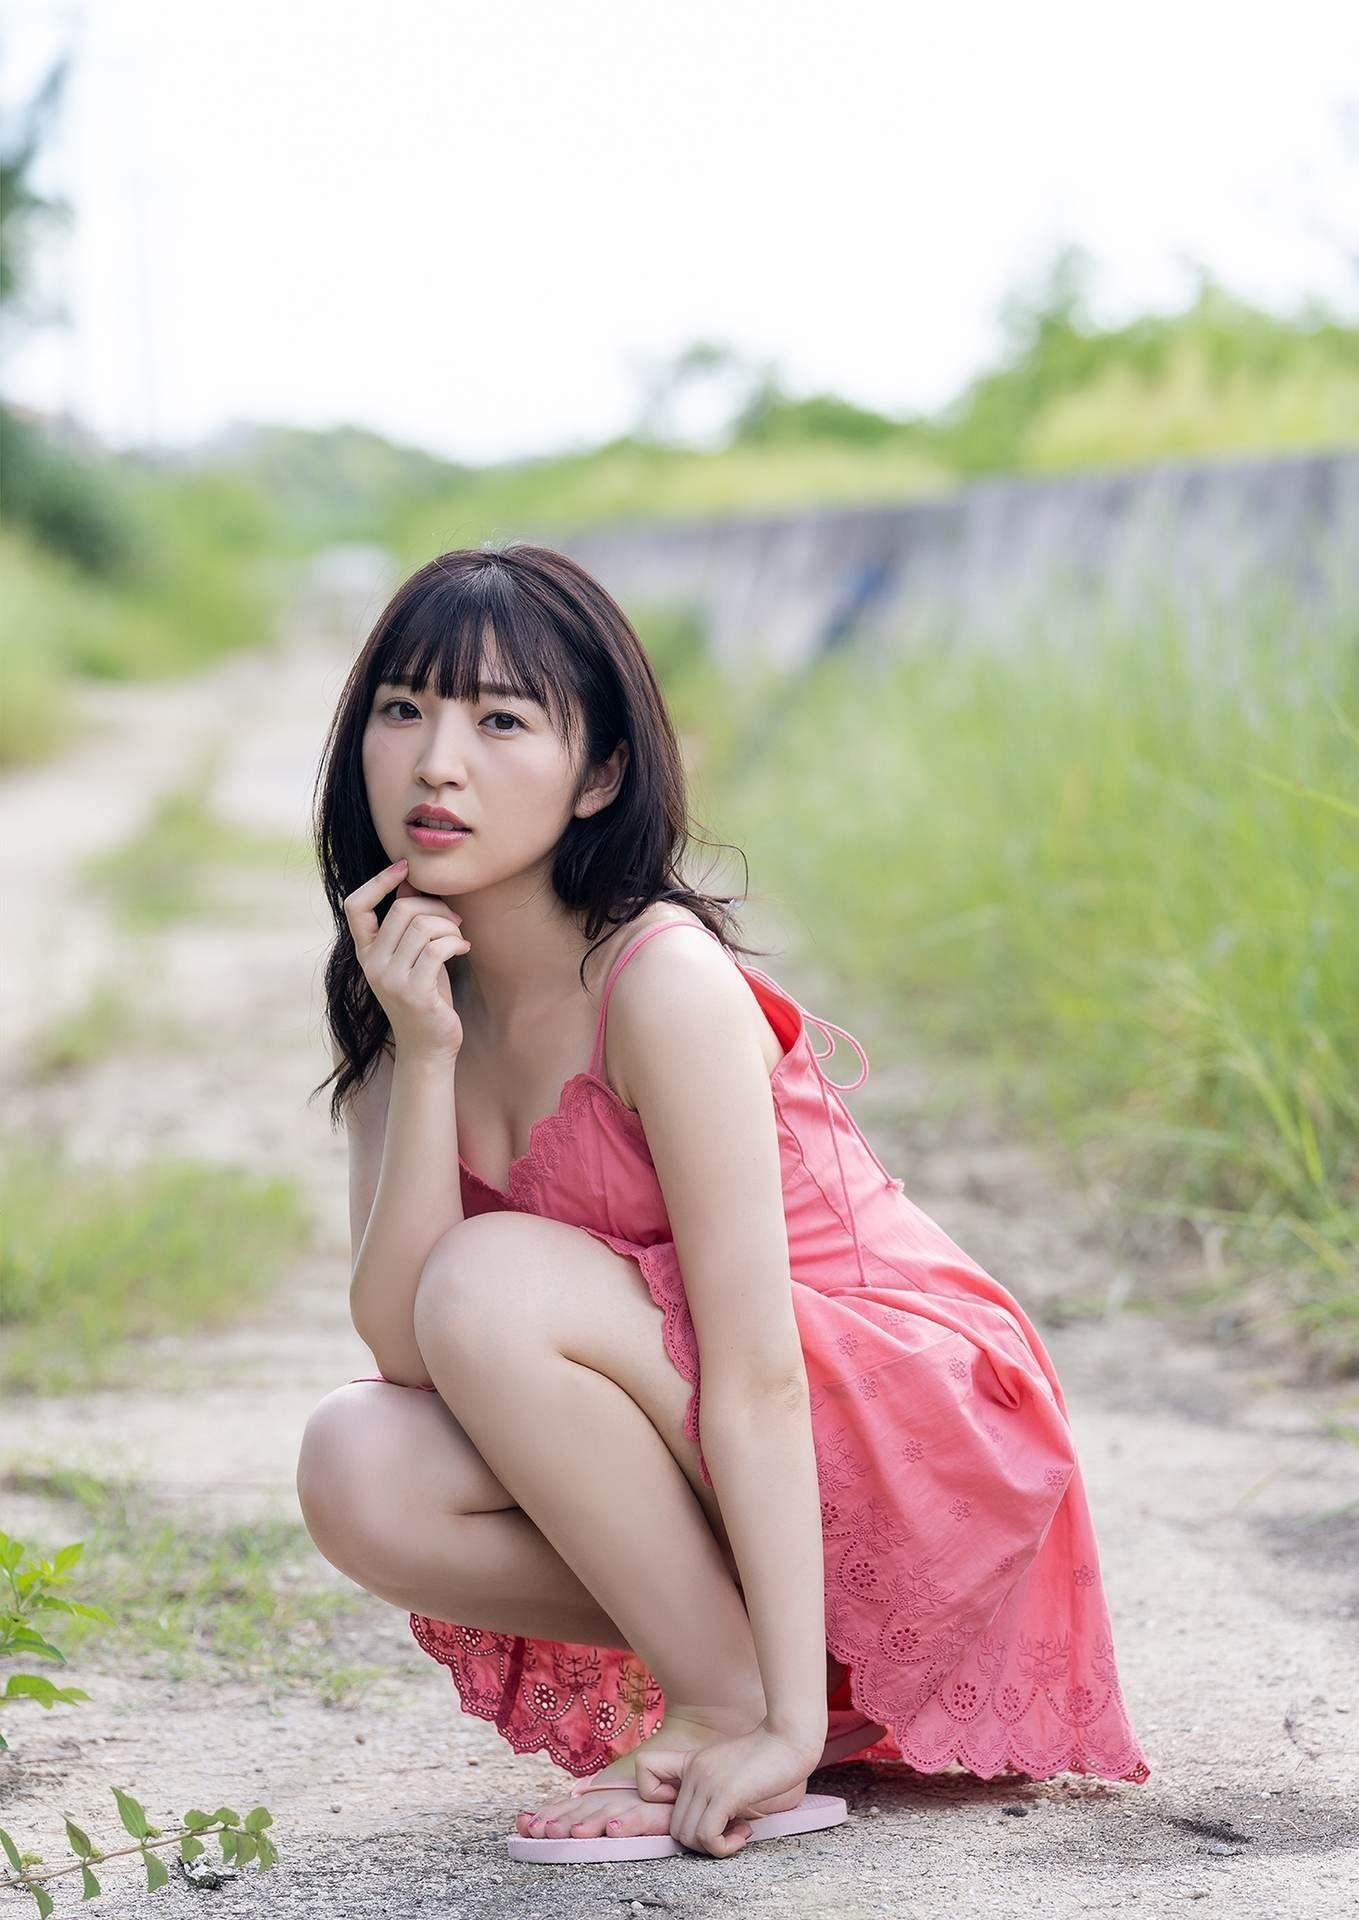 气质型声优「丰田萌绘」身材意外超有料比基尼滑出「白嫩」画面极养眼-新图包